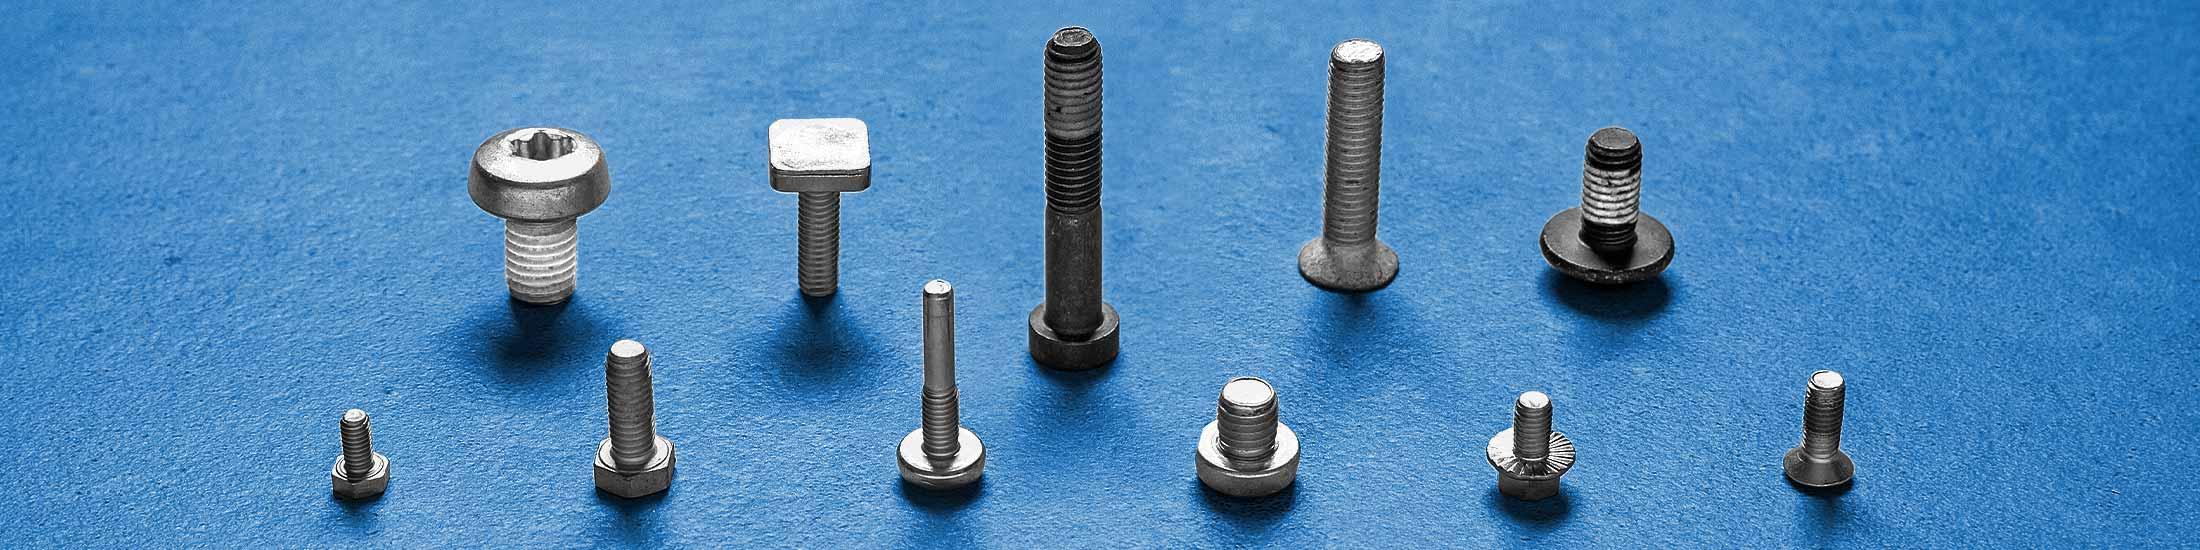 Maschinenschrauben • Frey Schrauben GmbH